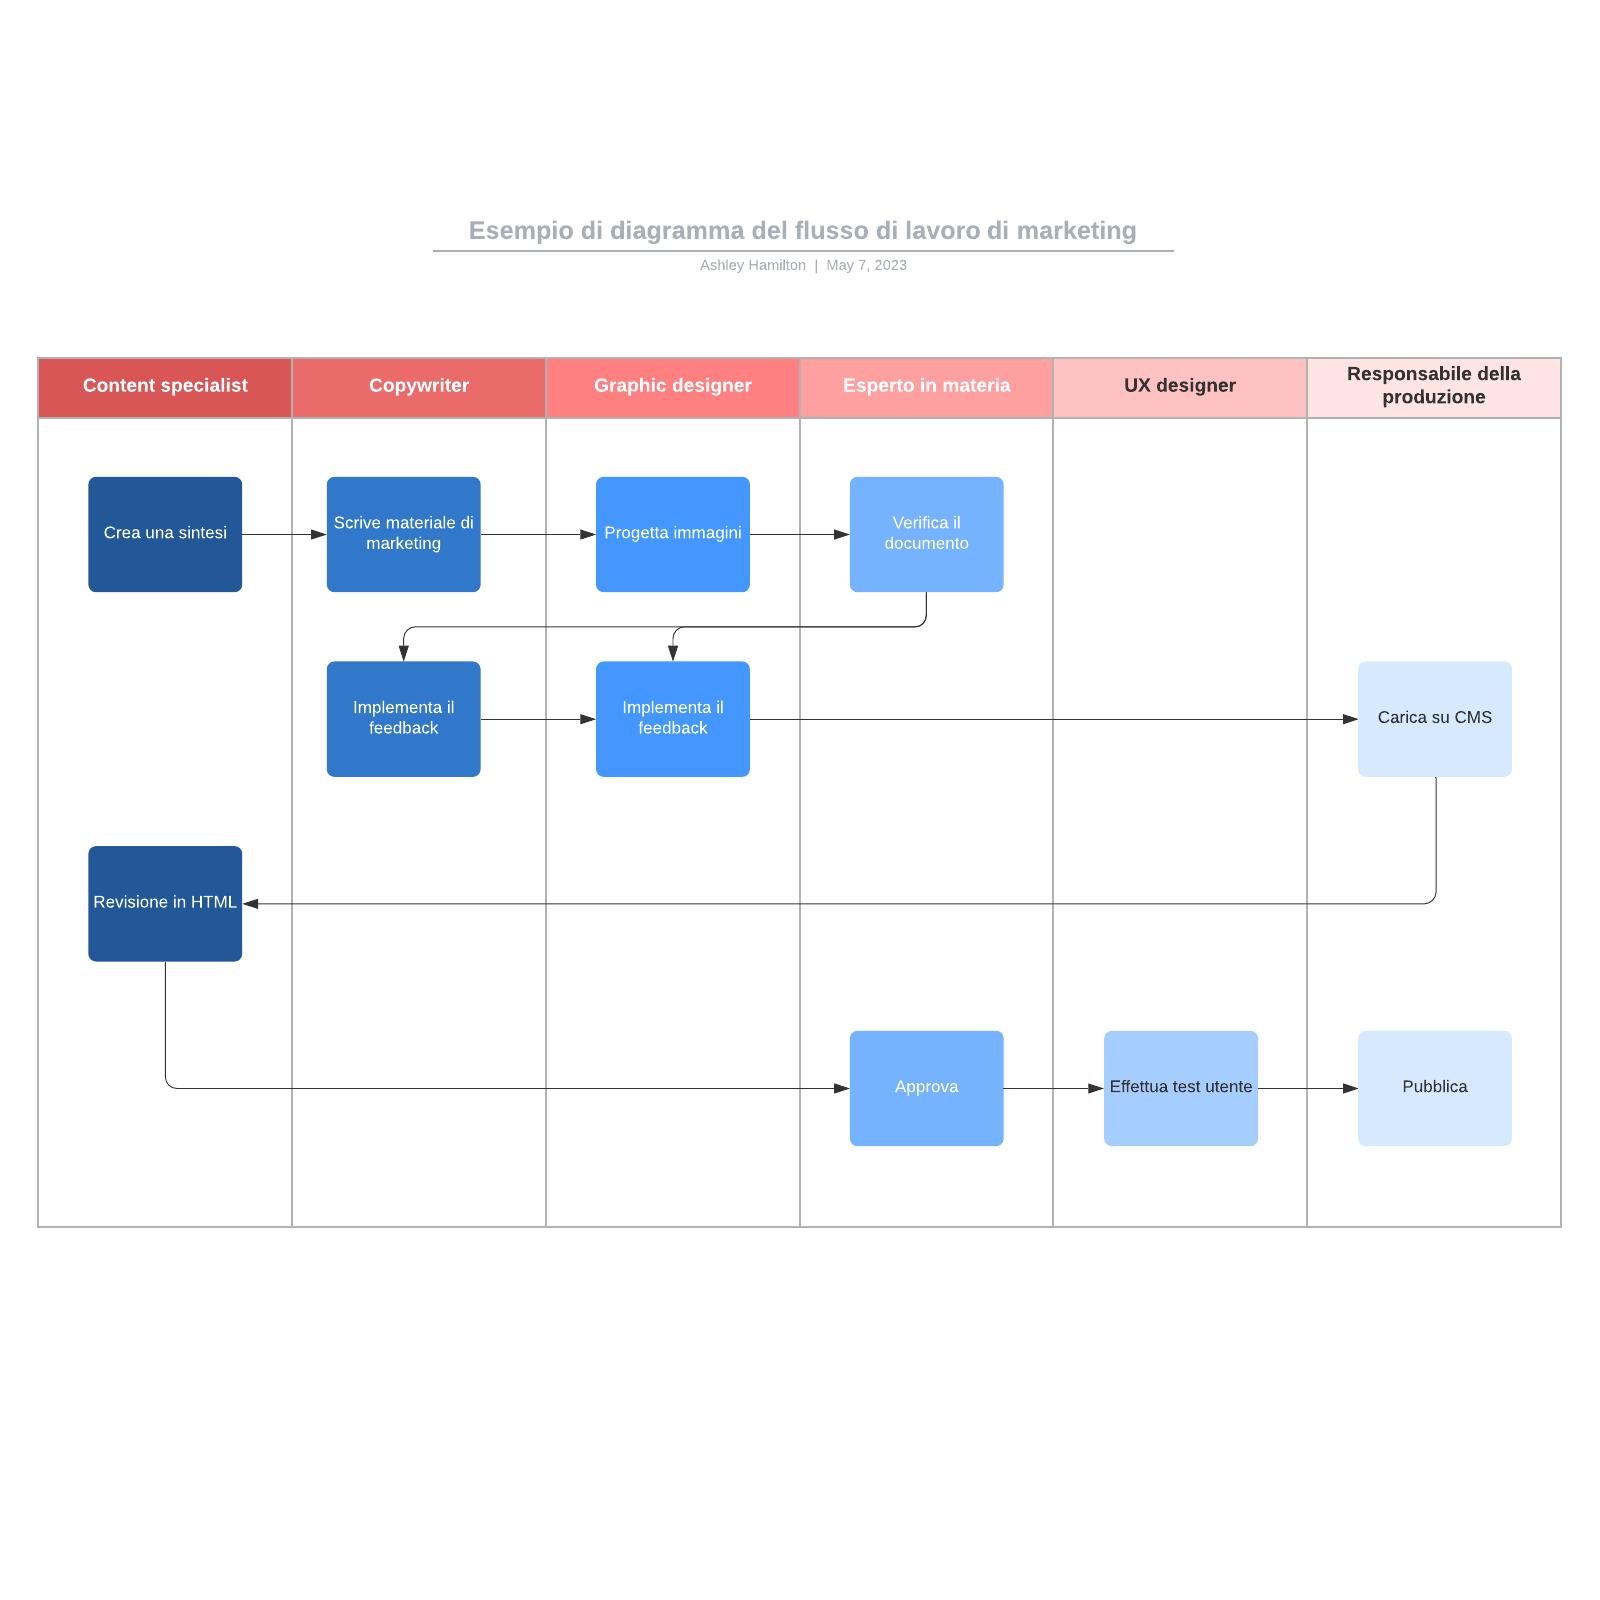 Esempio di diagramma del flusso di lavoro di marketing